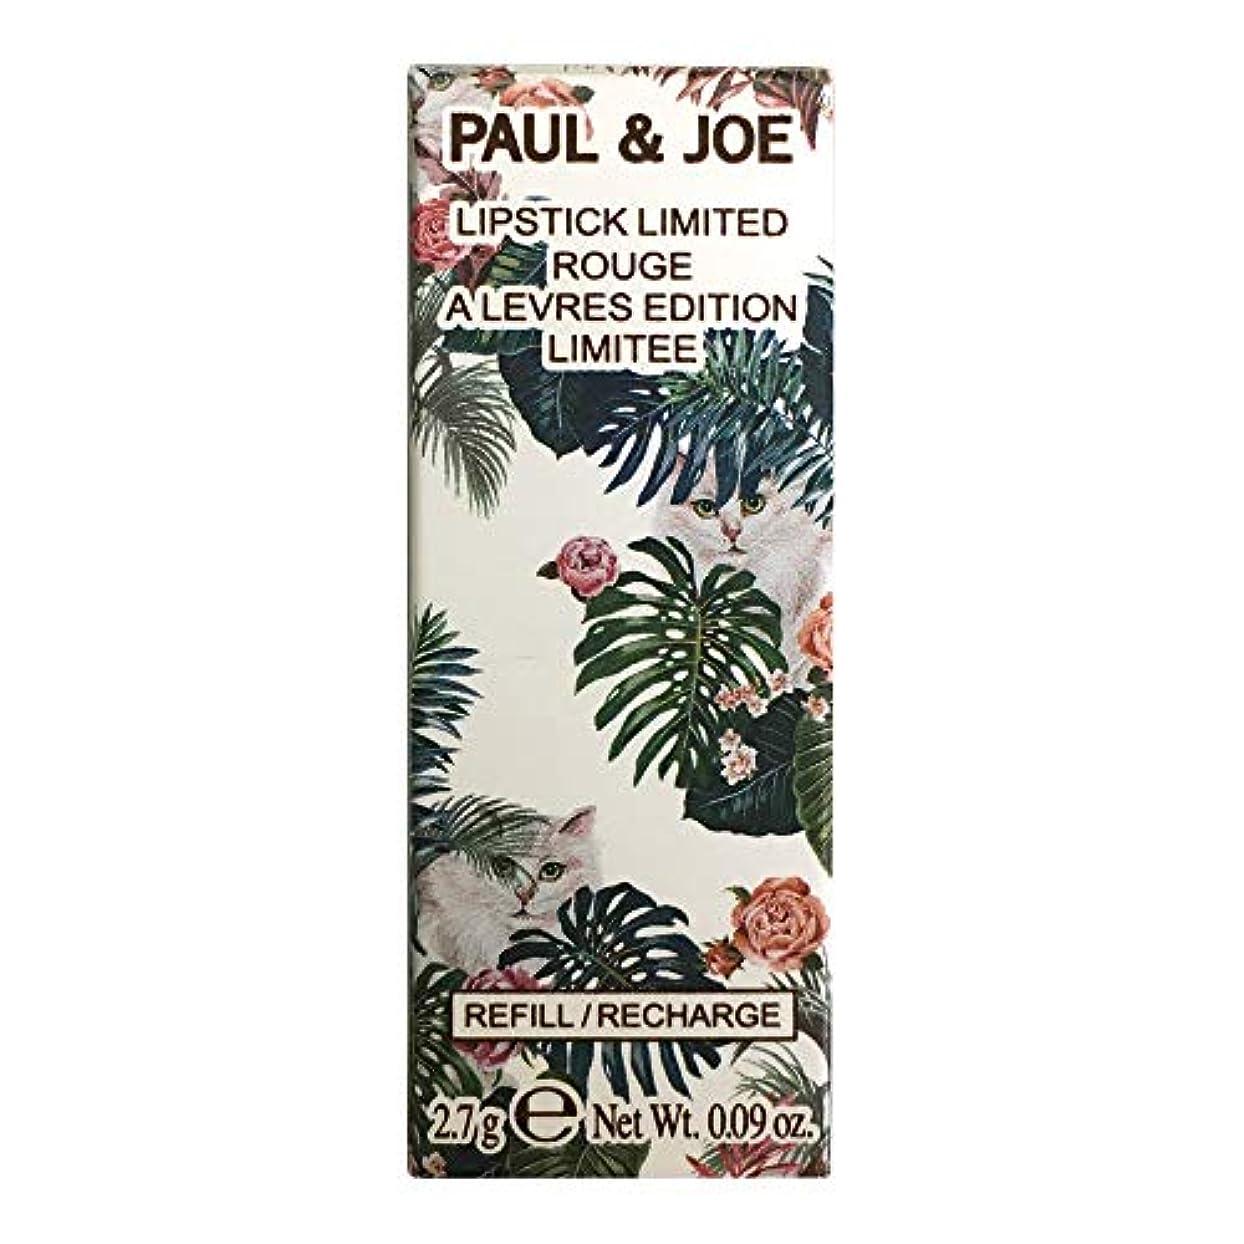 曲げる討論ファイナンスポール & ジョー/PAUL & JOE リップスティック リミテッド #005(レフィル) (限定) [ 口紅 ] [並行輸入品]